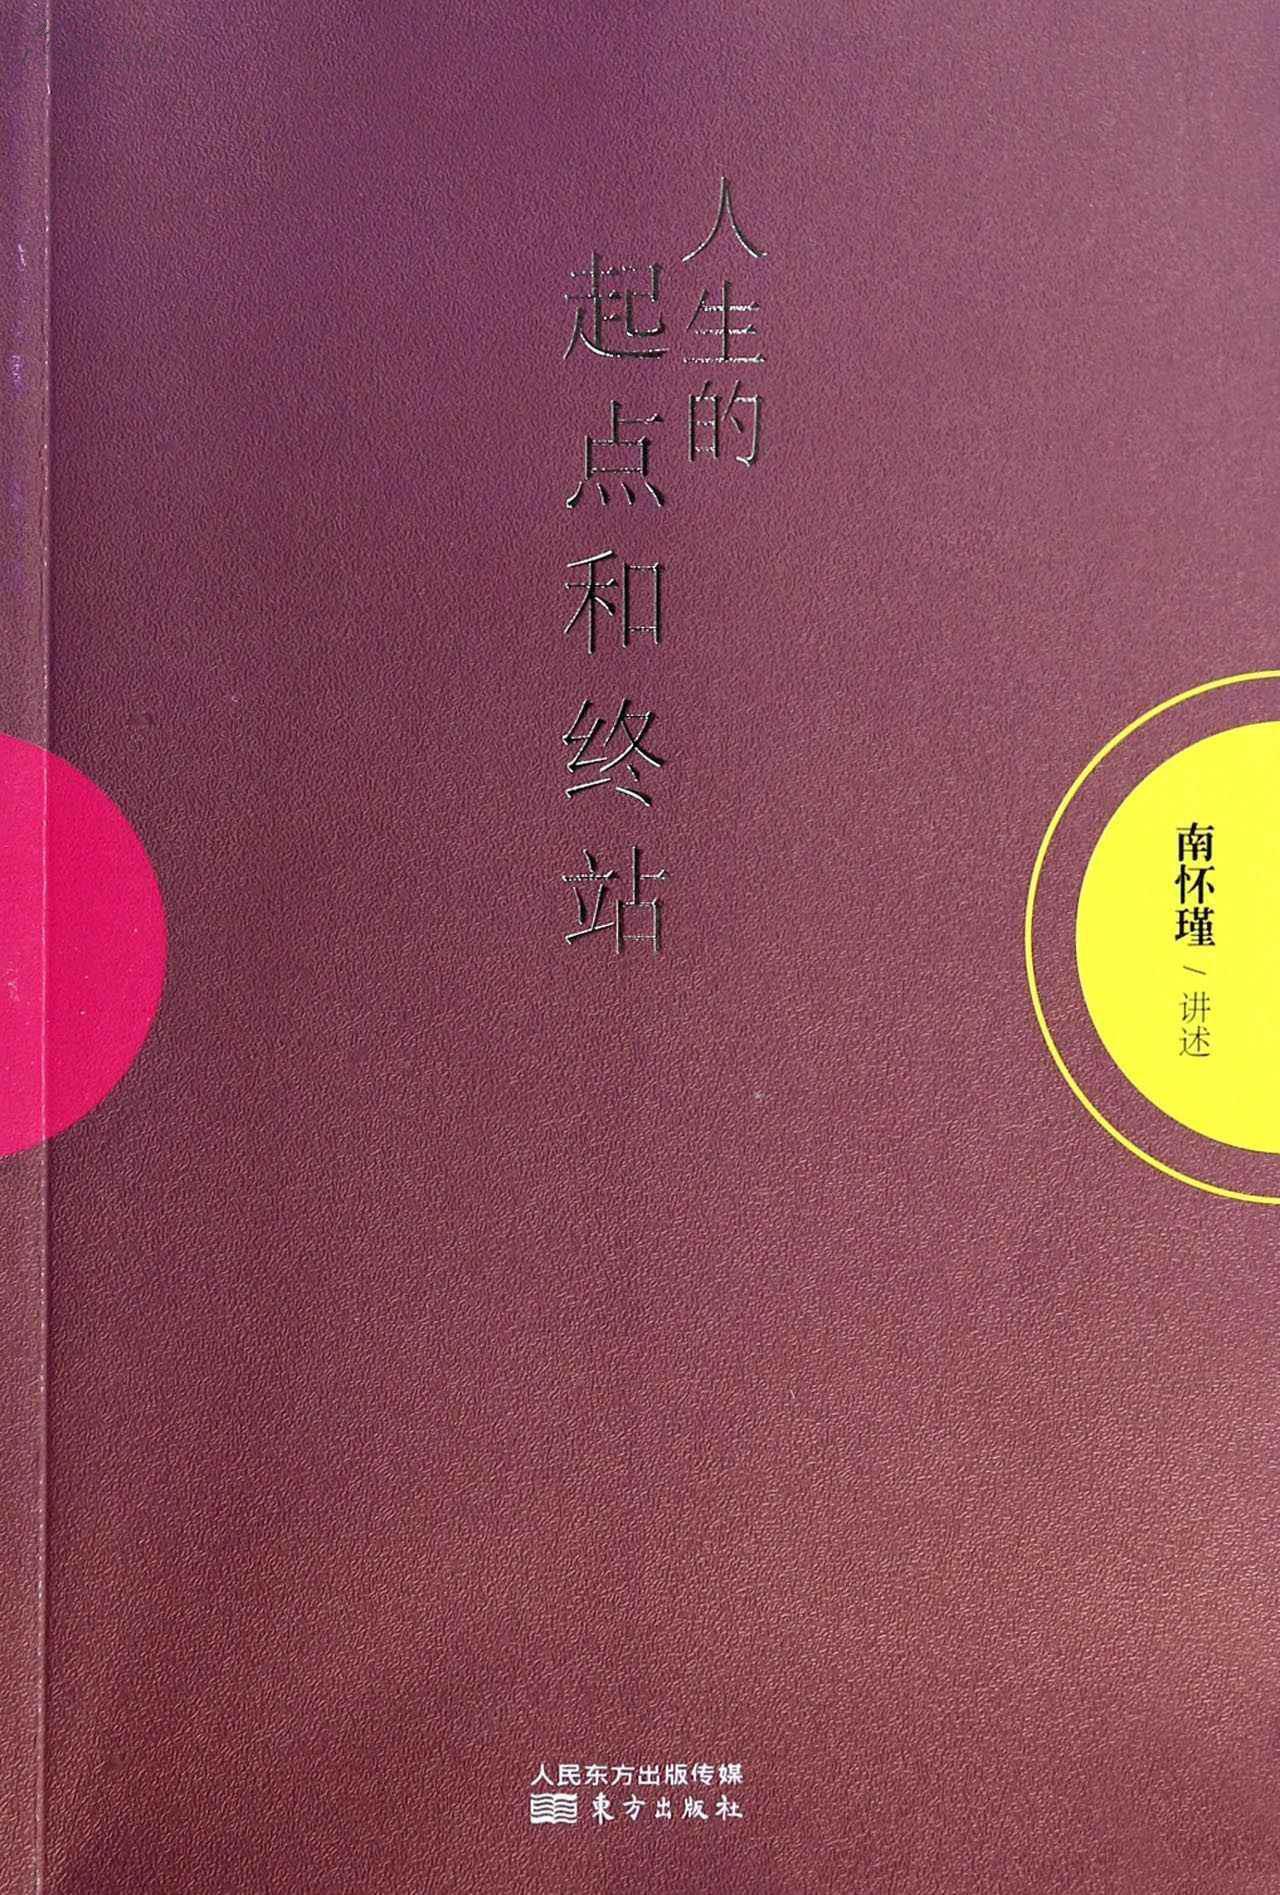 先生出身于书香世家,自幼饱读诗书,遍览经史子集,为其终身学业打下图片